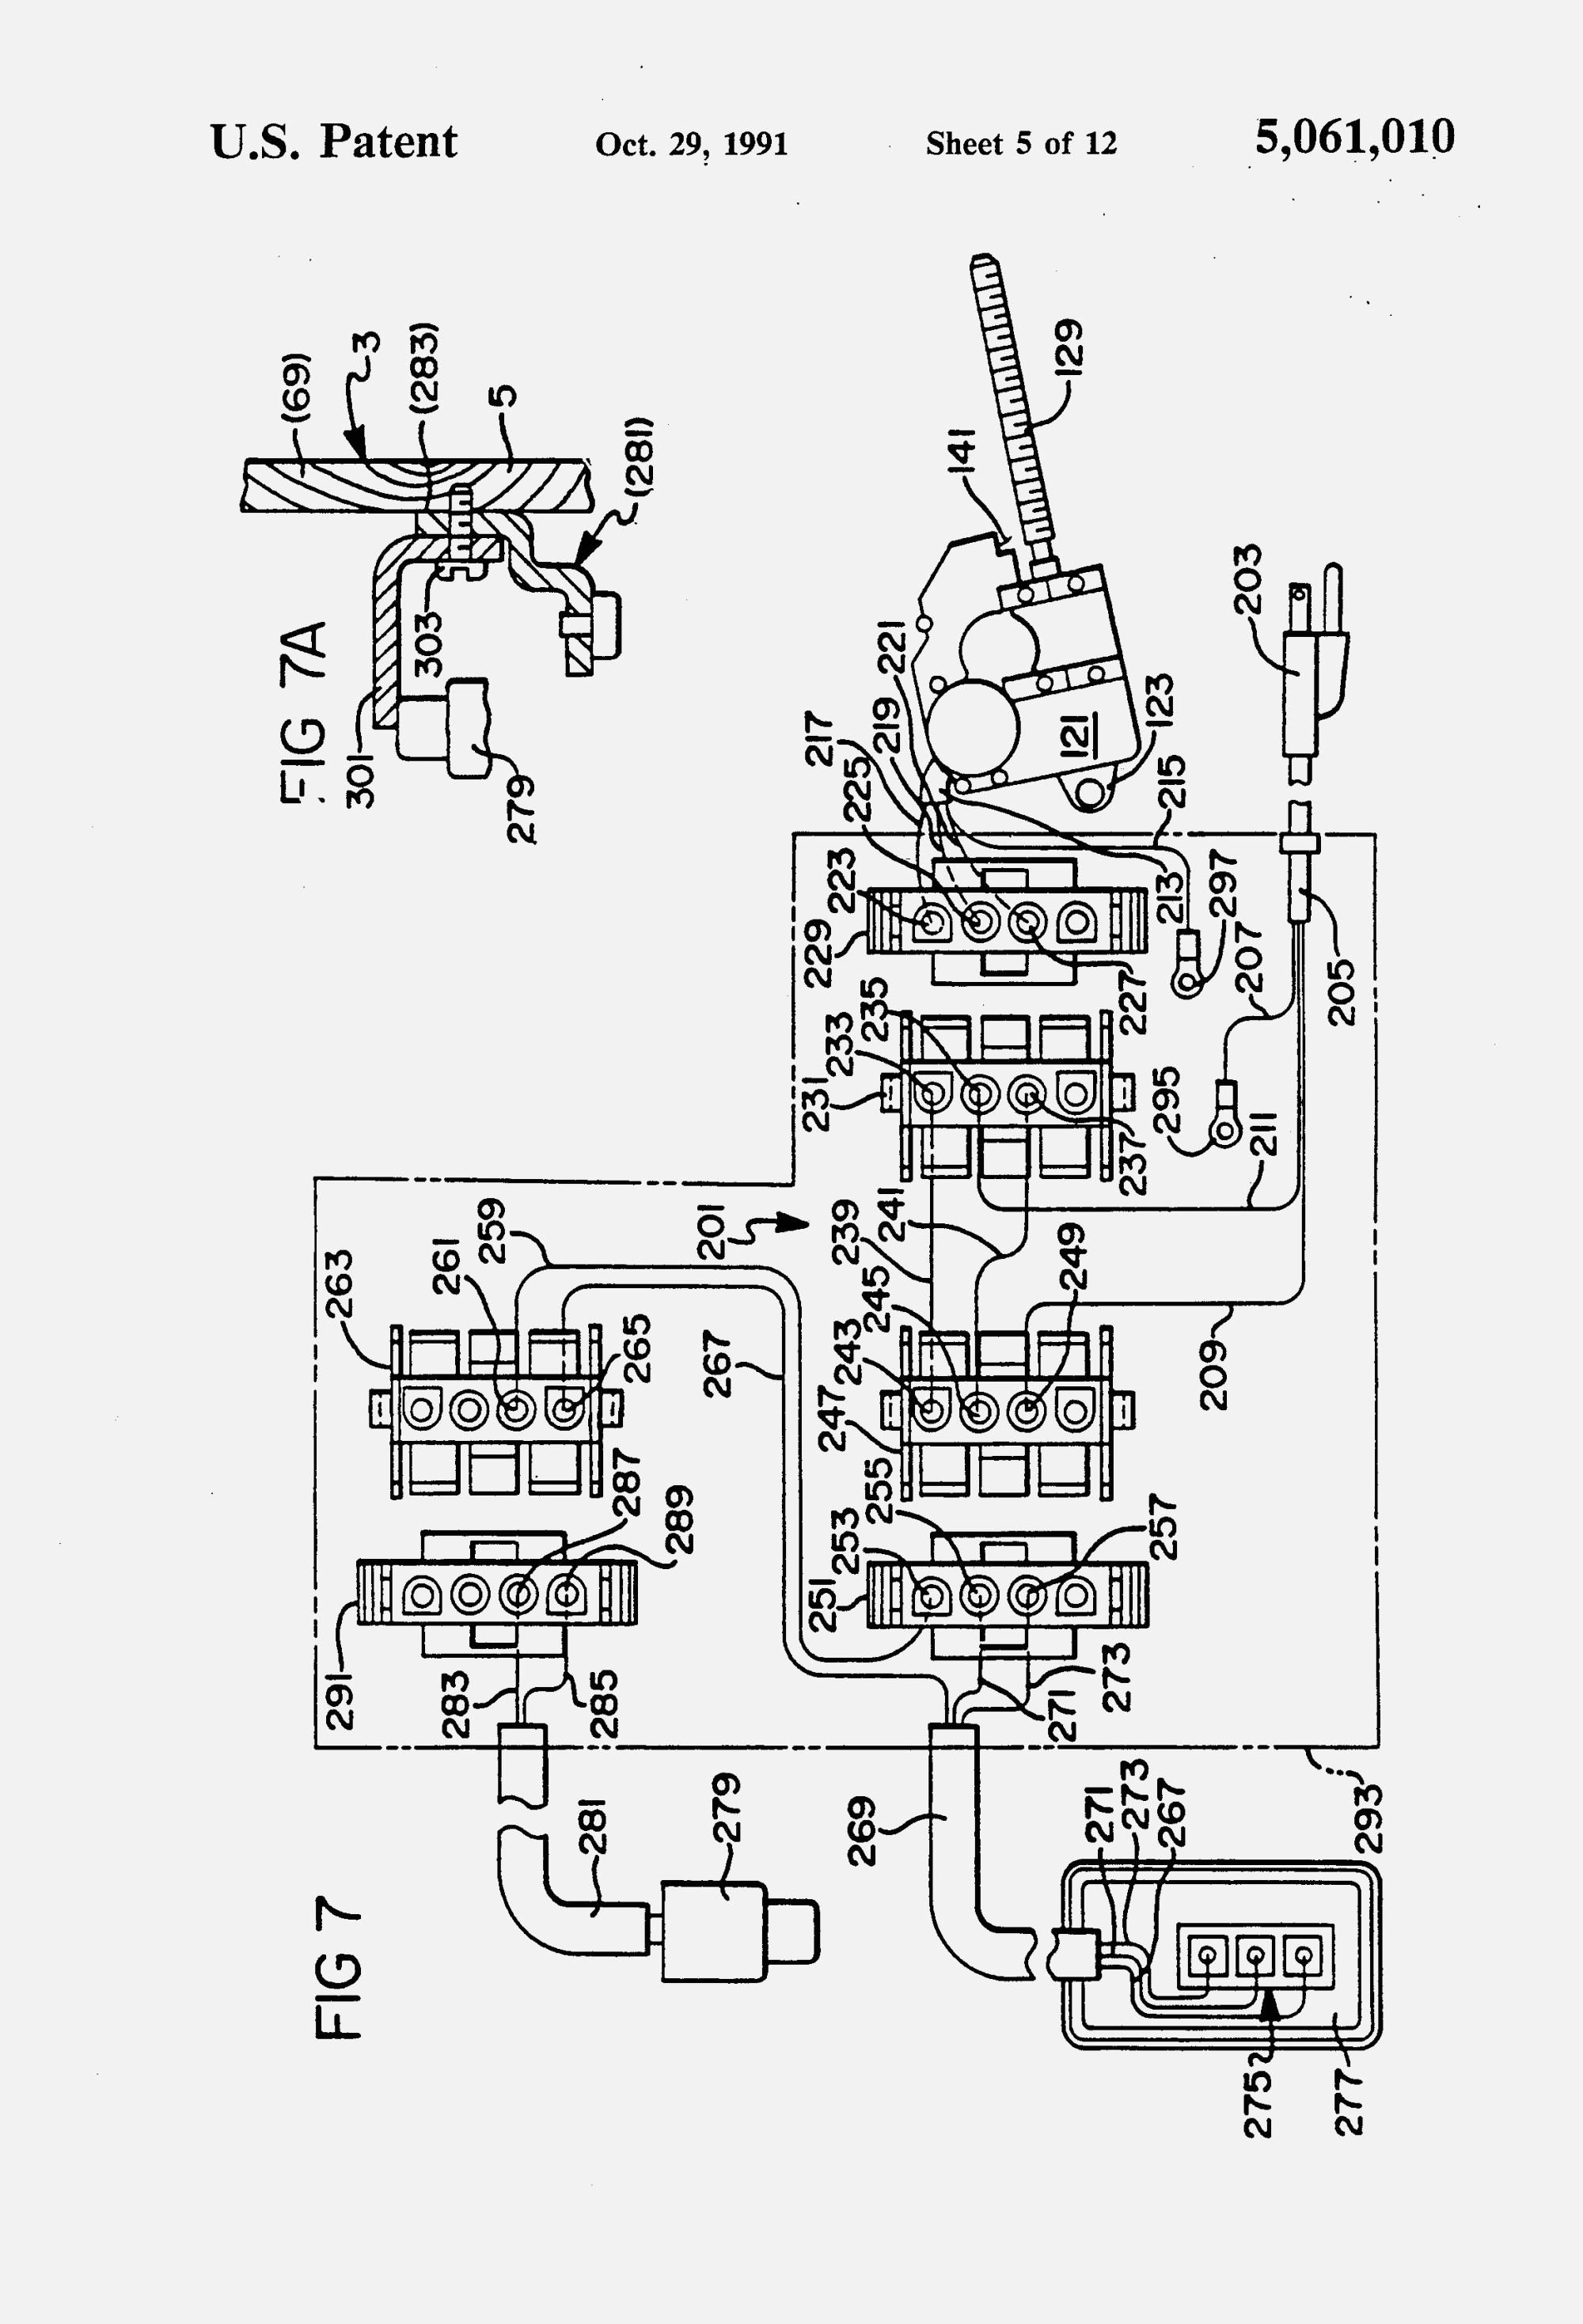 hight resolution of dayton hoist wiring diagram wiring diagrams wni dayton electric chain hoist wiring diagram